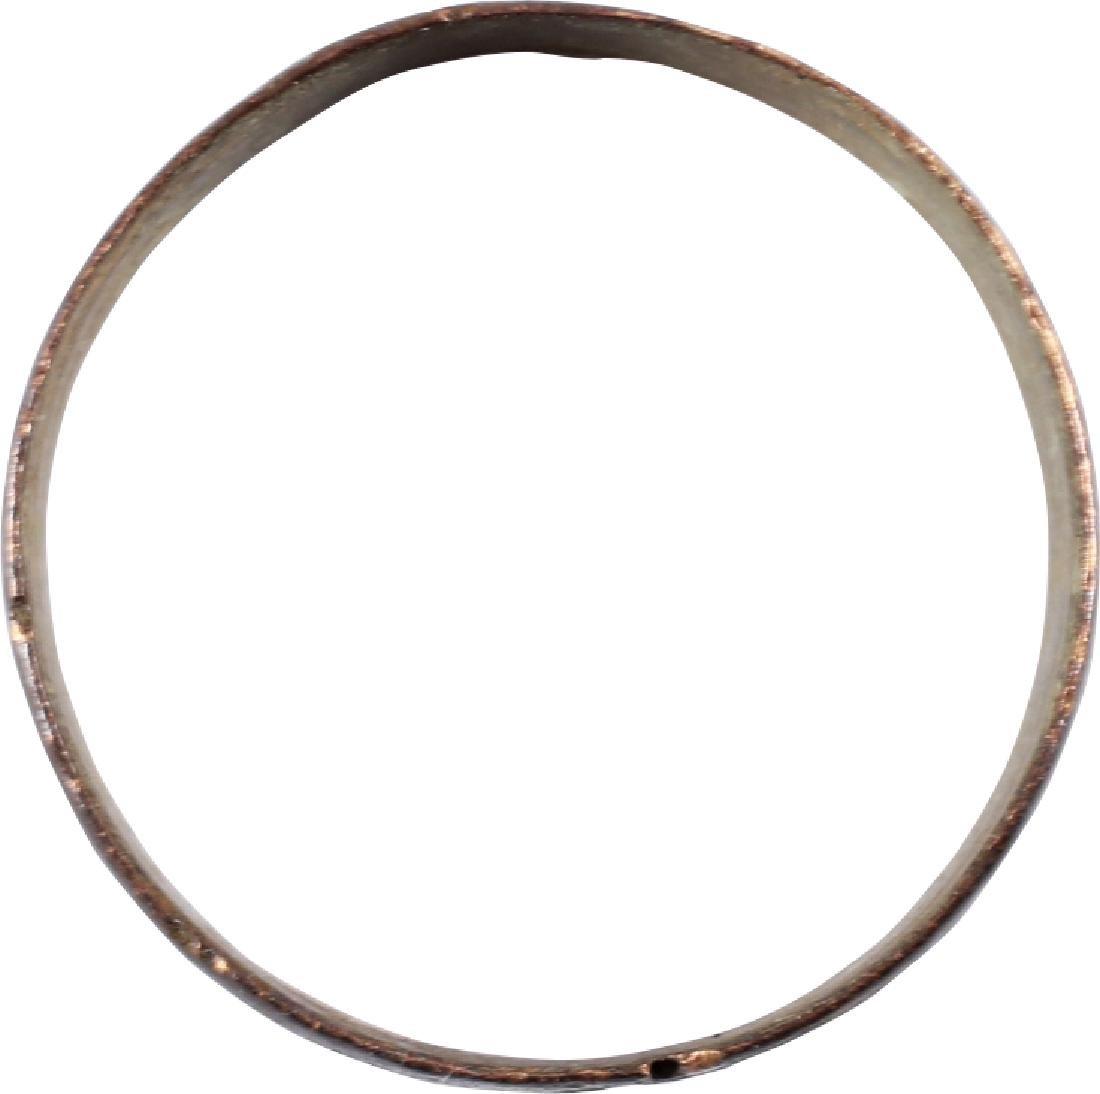 Viking Woman's Wedding Ring - 2